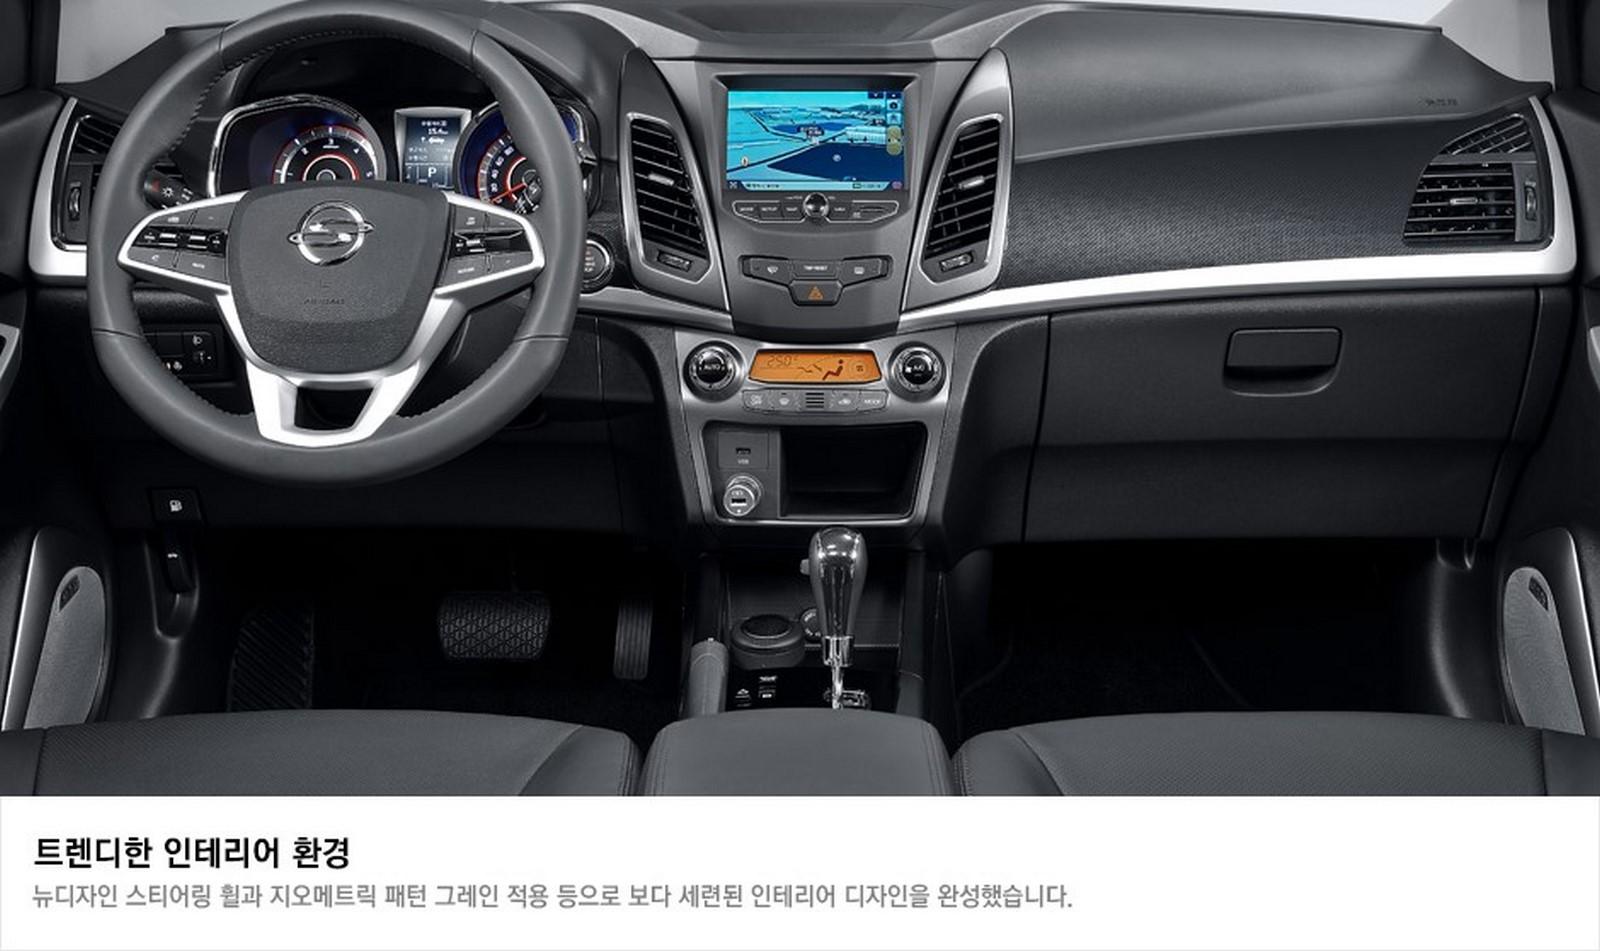 Ssangyong Korando facelift 2017 korea-8